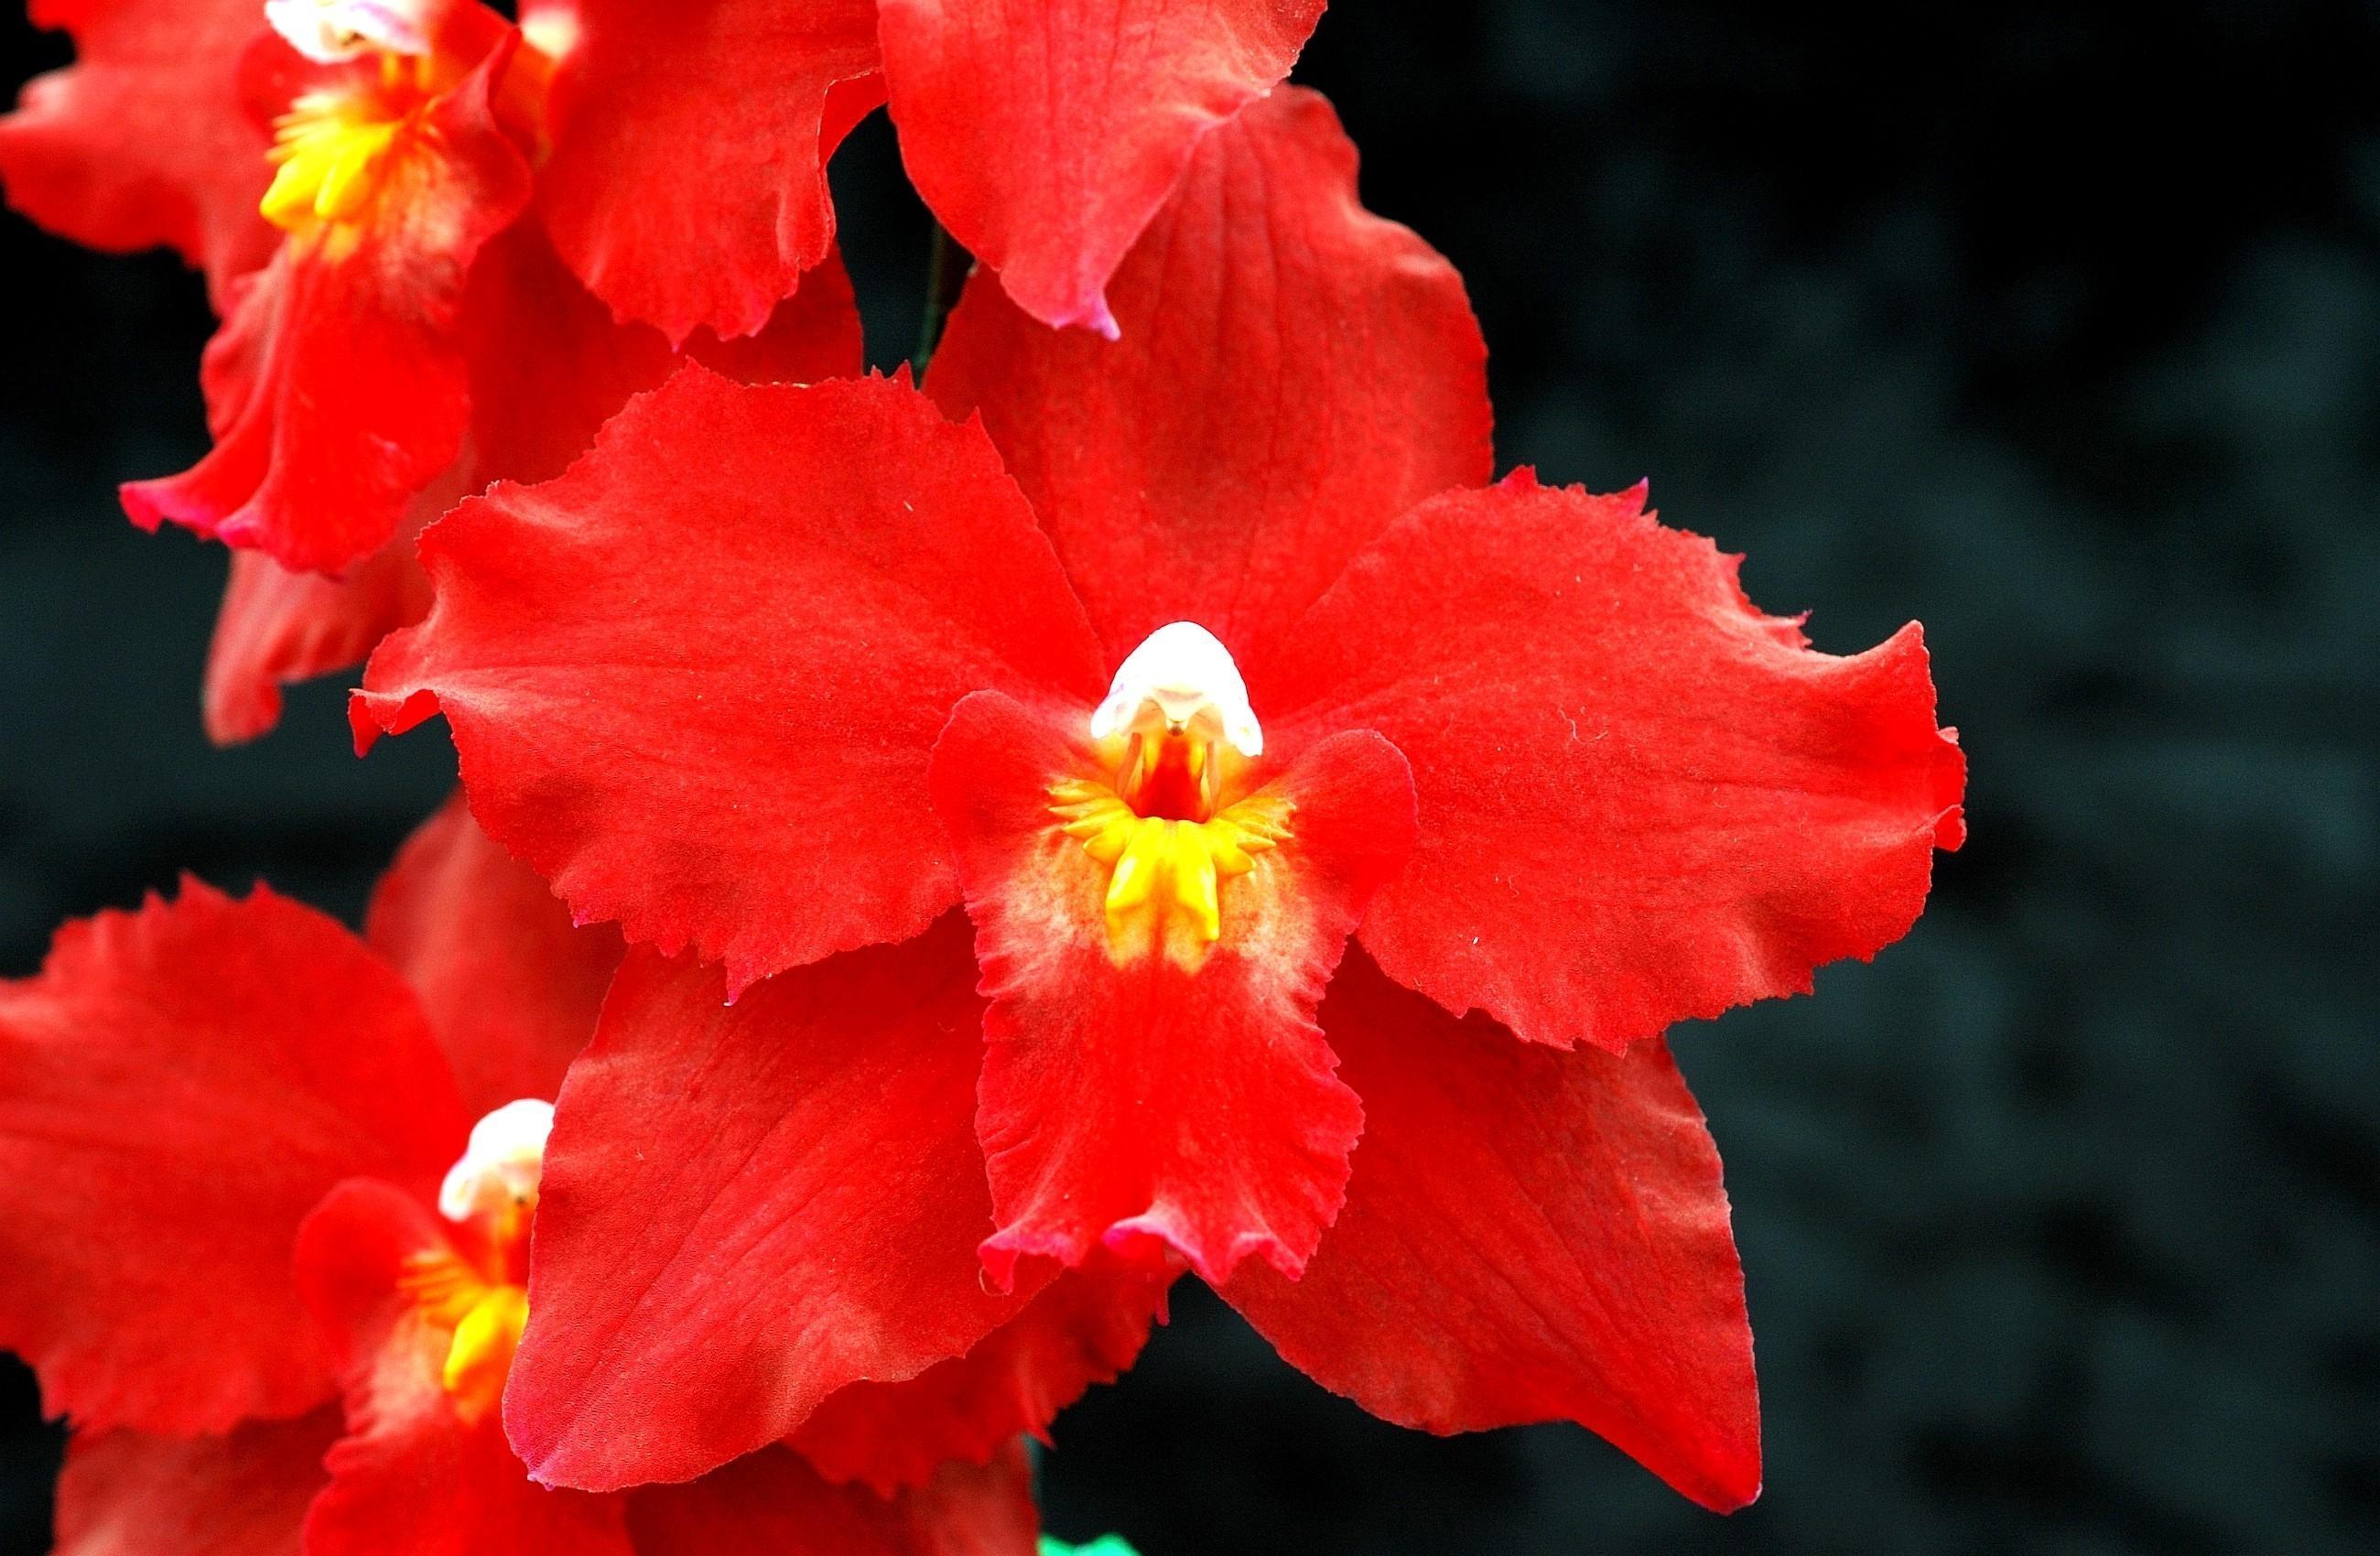 что орхидеи красного цвета картинки бантики делают маникюр